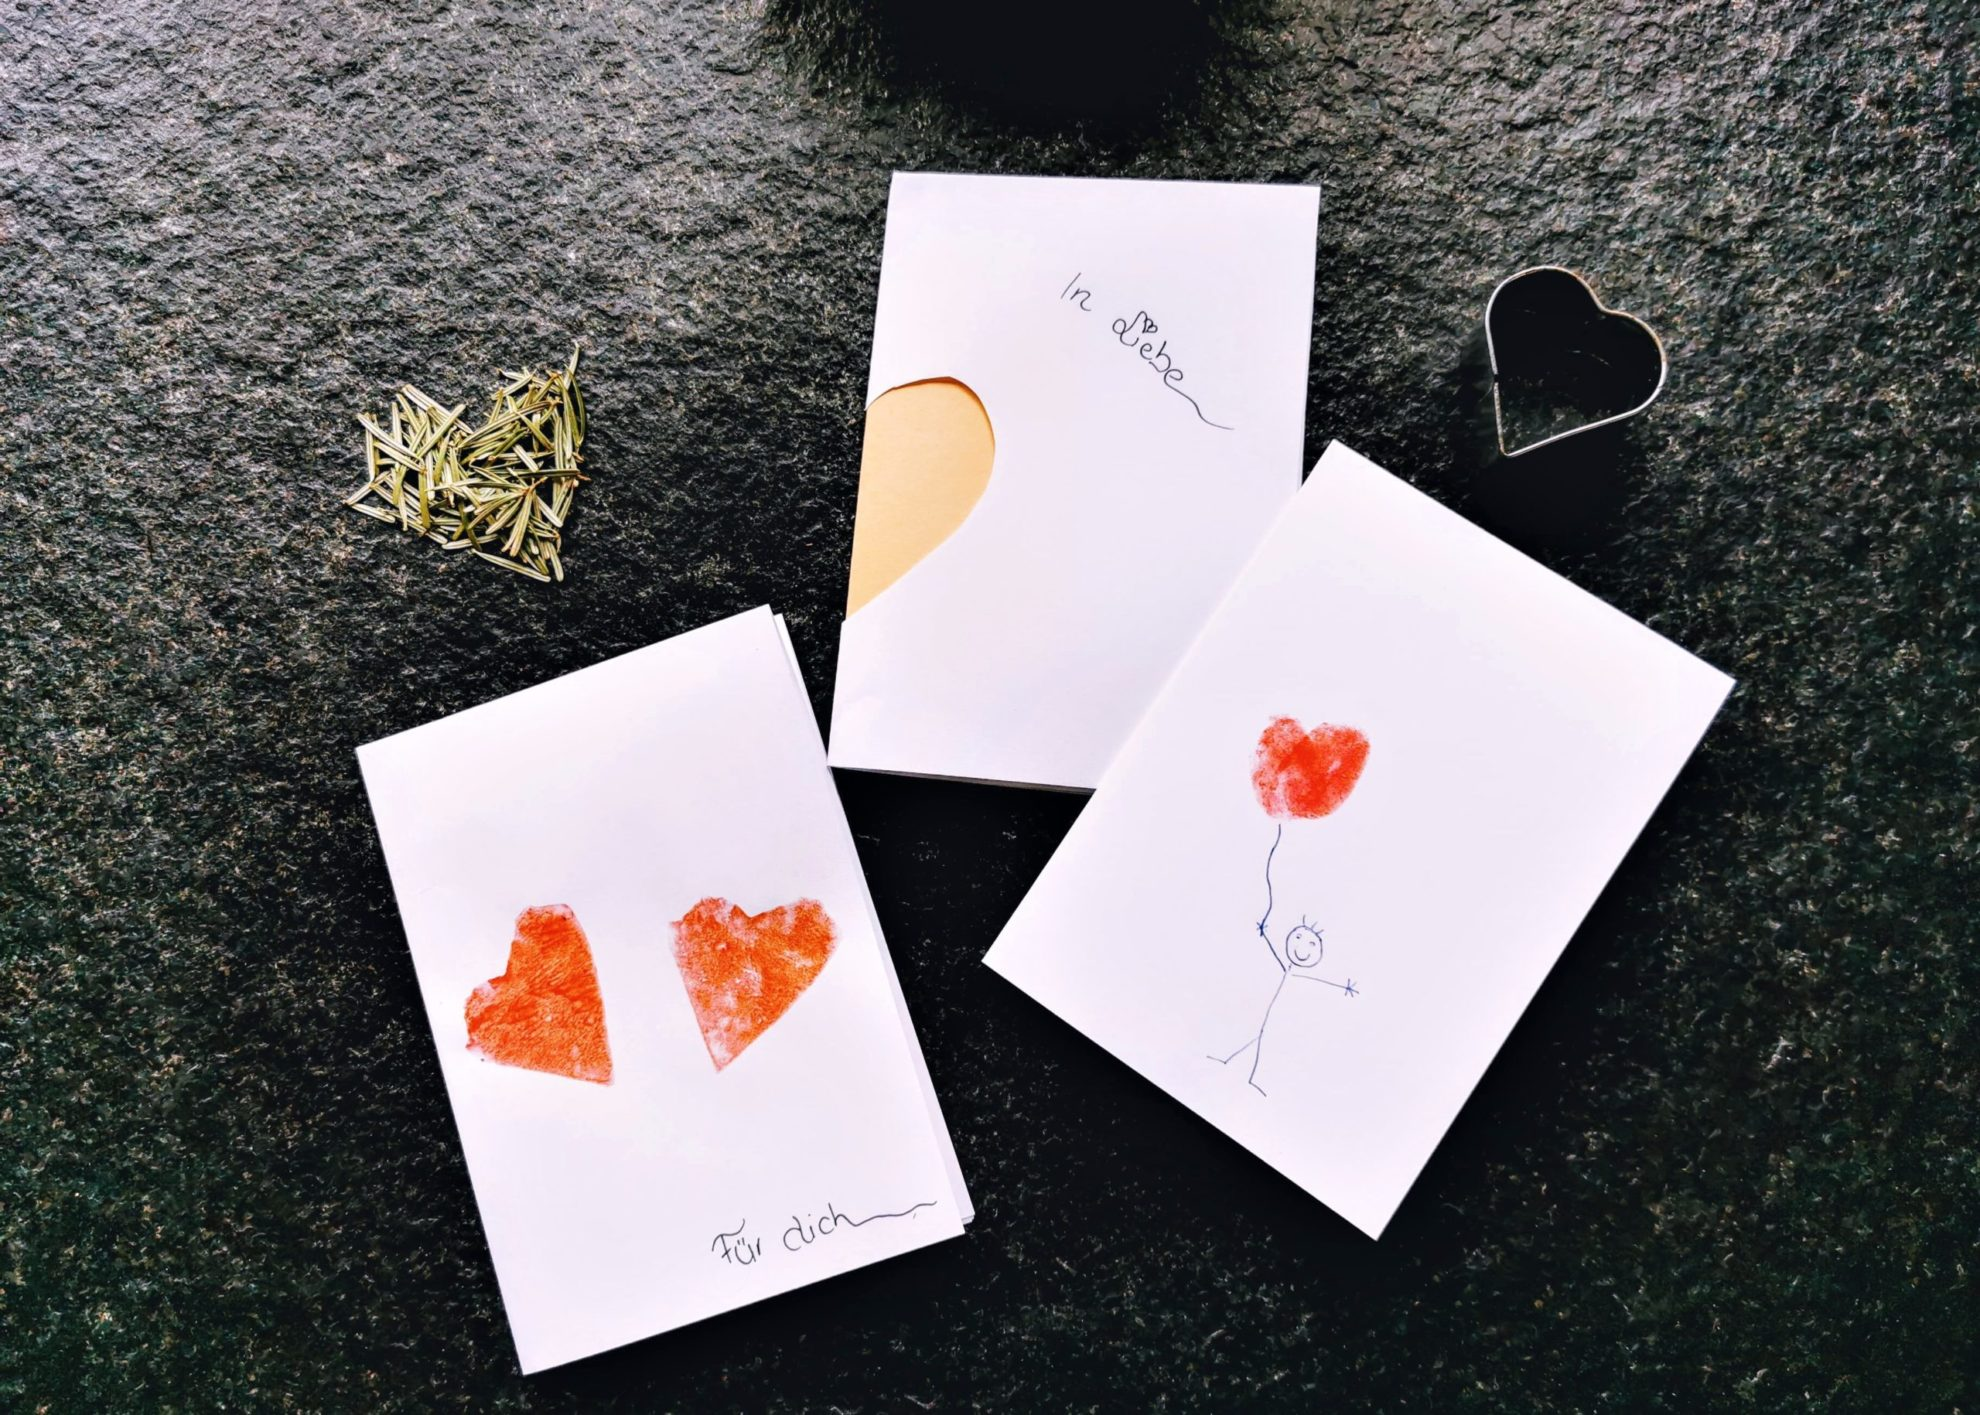 Herz-Karten basteln mit diesen einfachen Tricks. Ein DIY von Julie auf Puddingklecks, dem Großfamilienblog